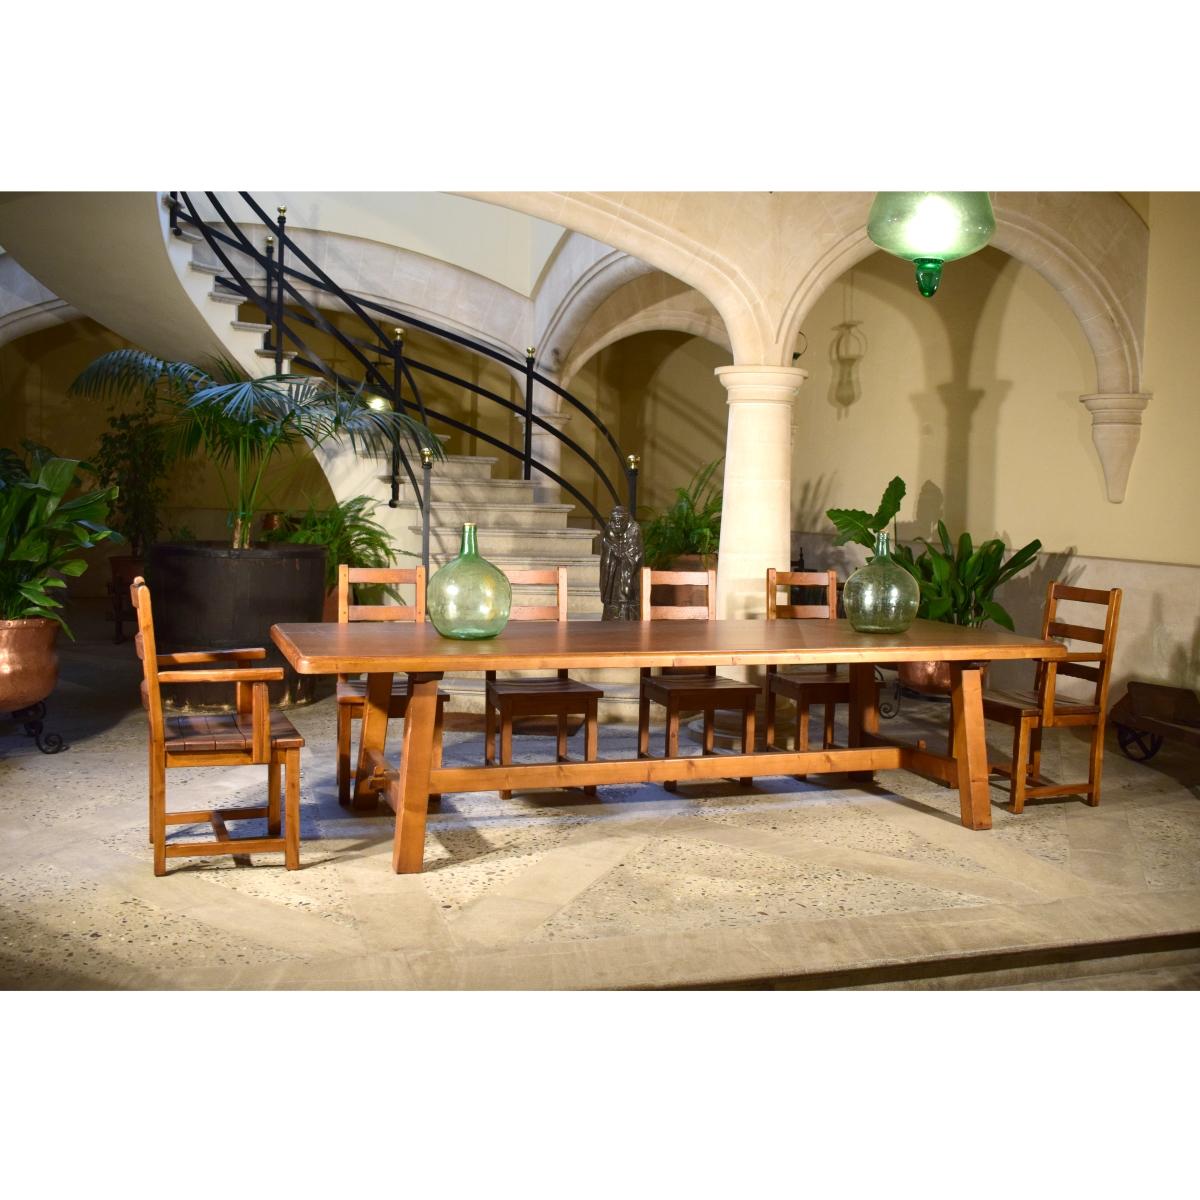 Mesa comedor rústica XXL. Ecorústico: venta de muebles